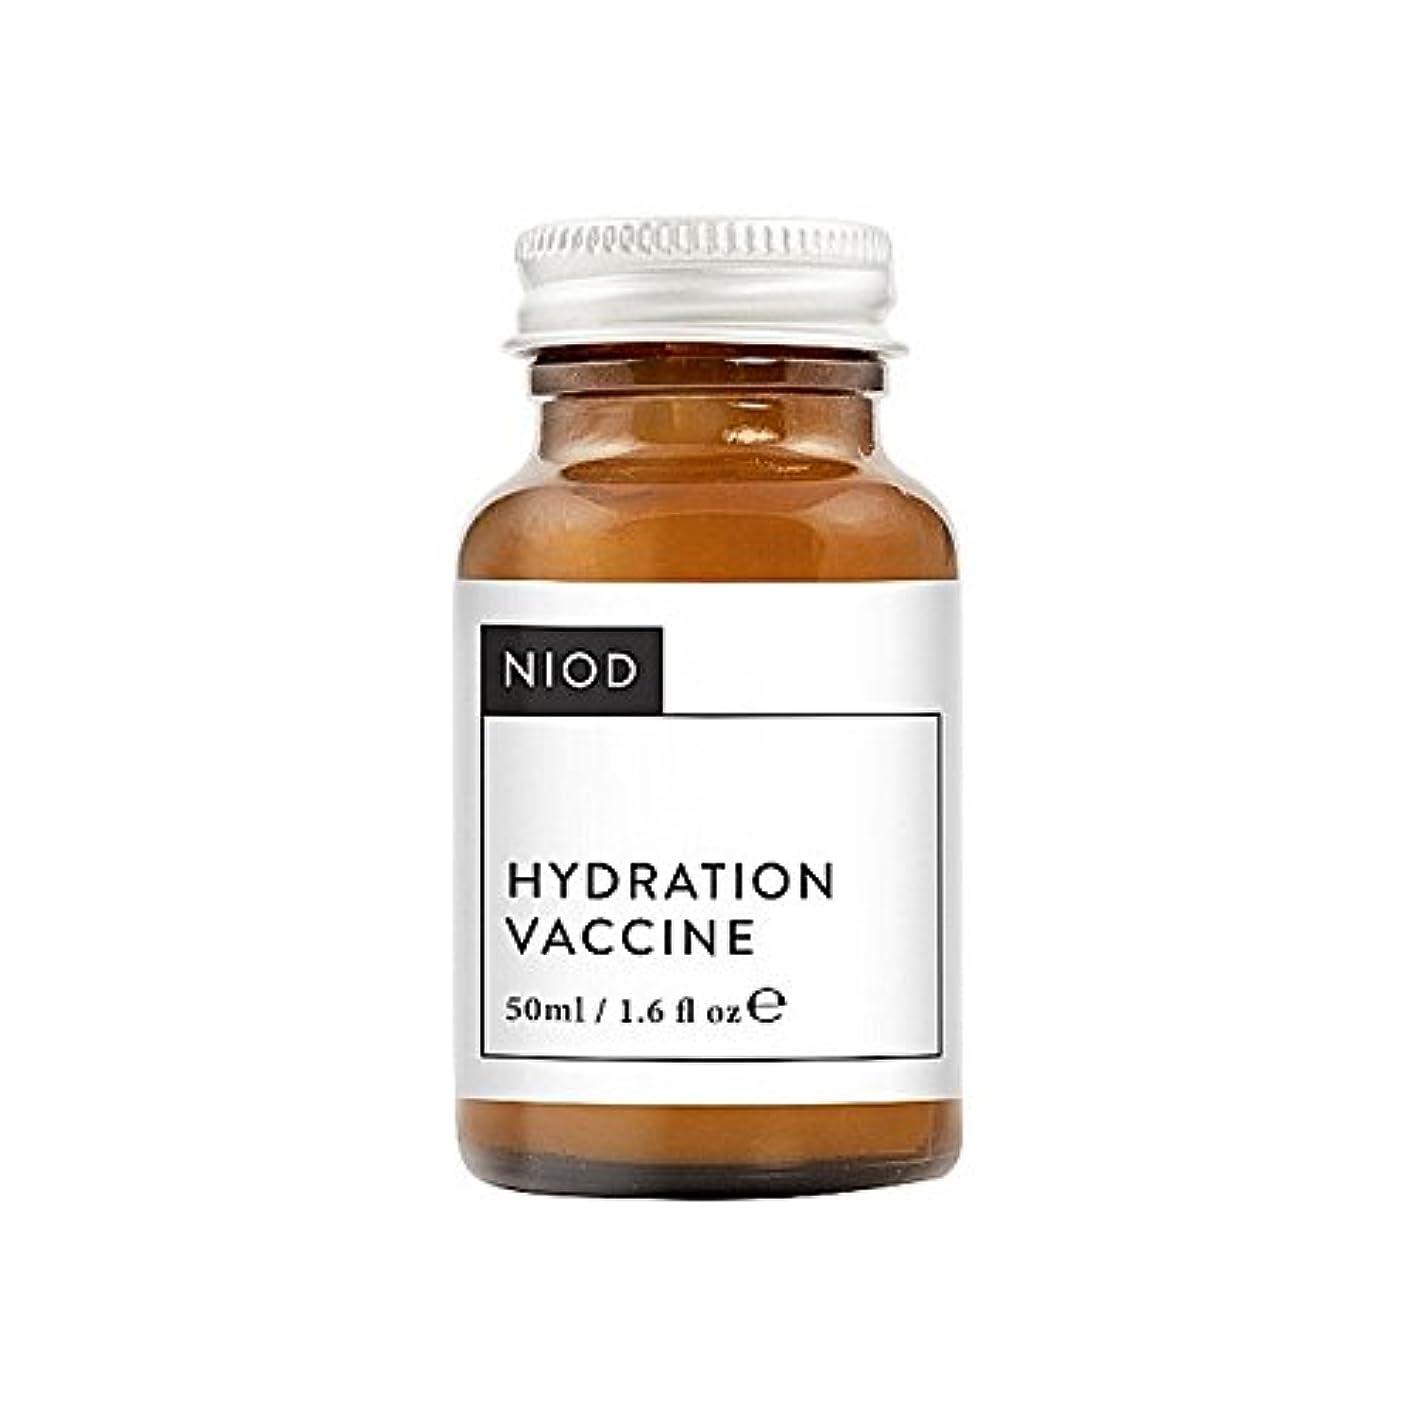 ワックス世代草Niod Hydration Vaccine 50Ml - 水和ワクチン50ミリリットル [並行輸入品]